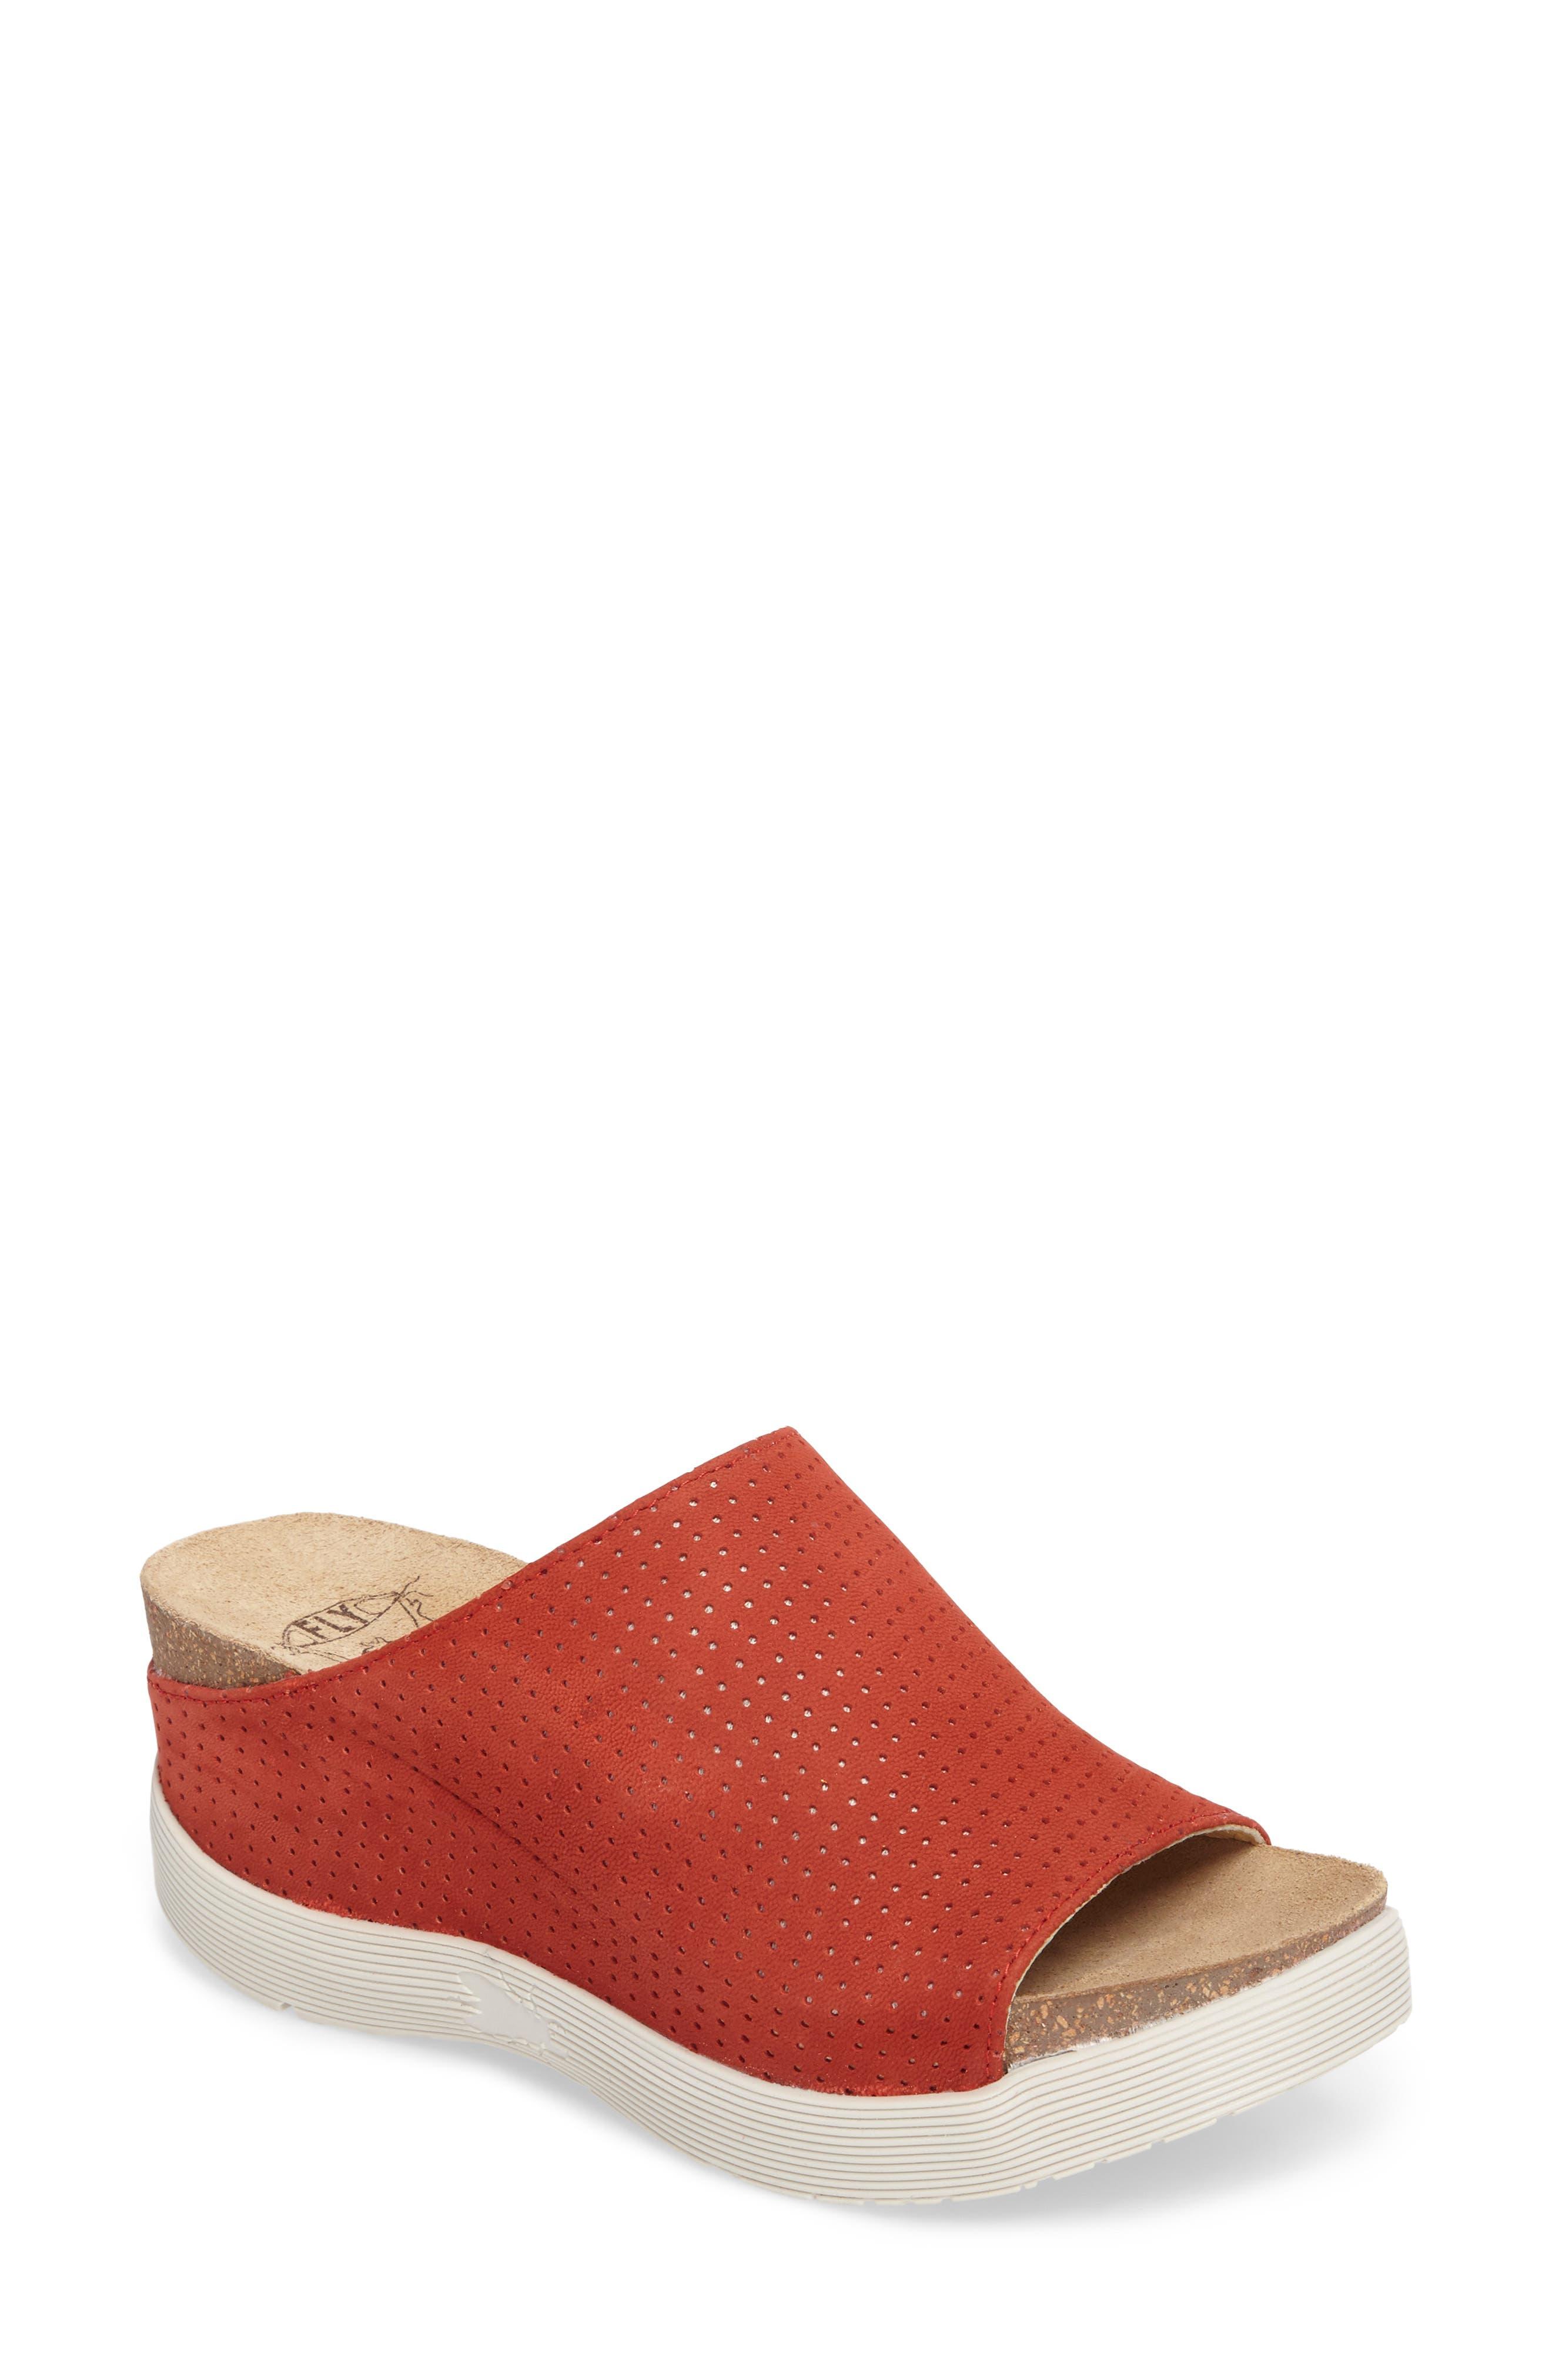 Whin Platform Sandal,                         Main,                         color, Scarlet Cupido Leather